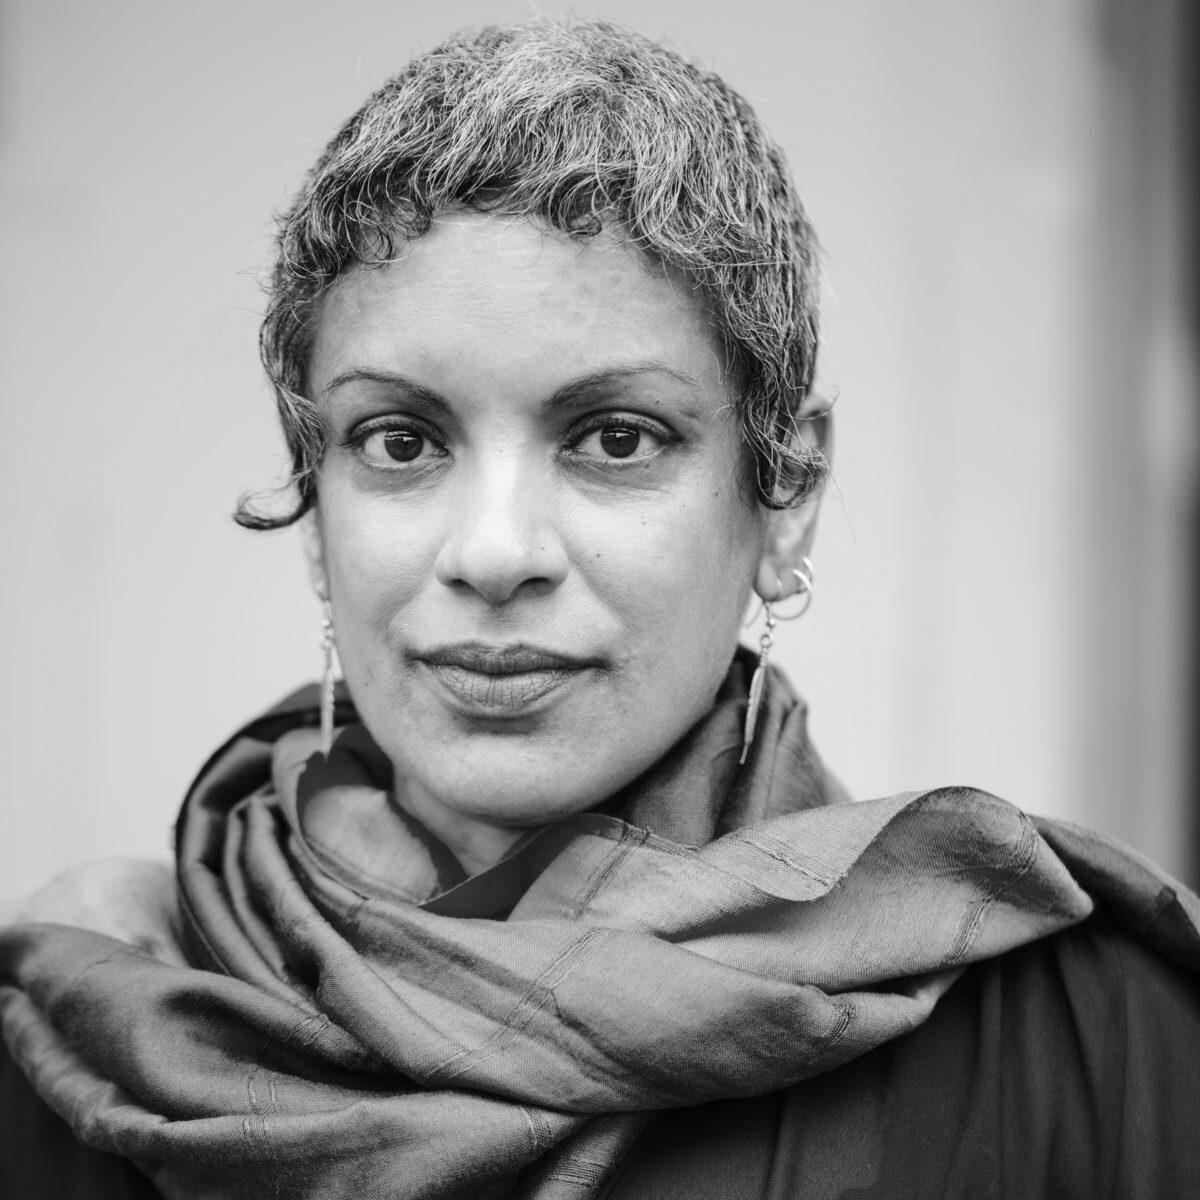 Sonali Sangeeta Balajee